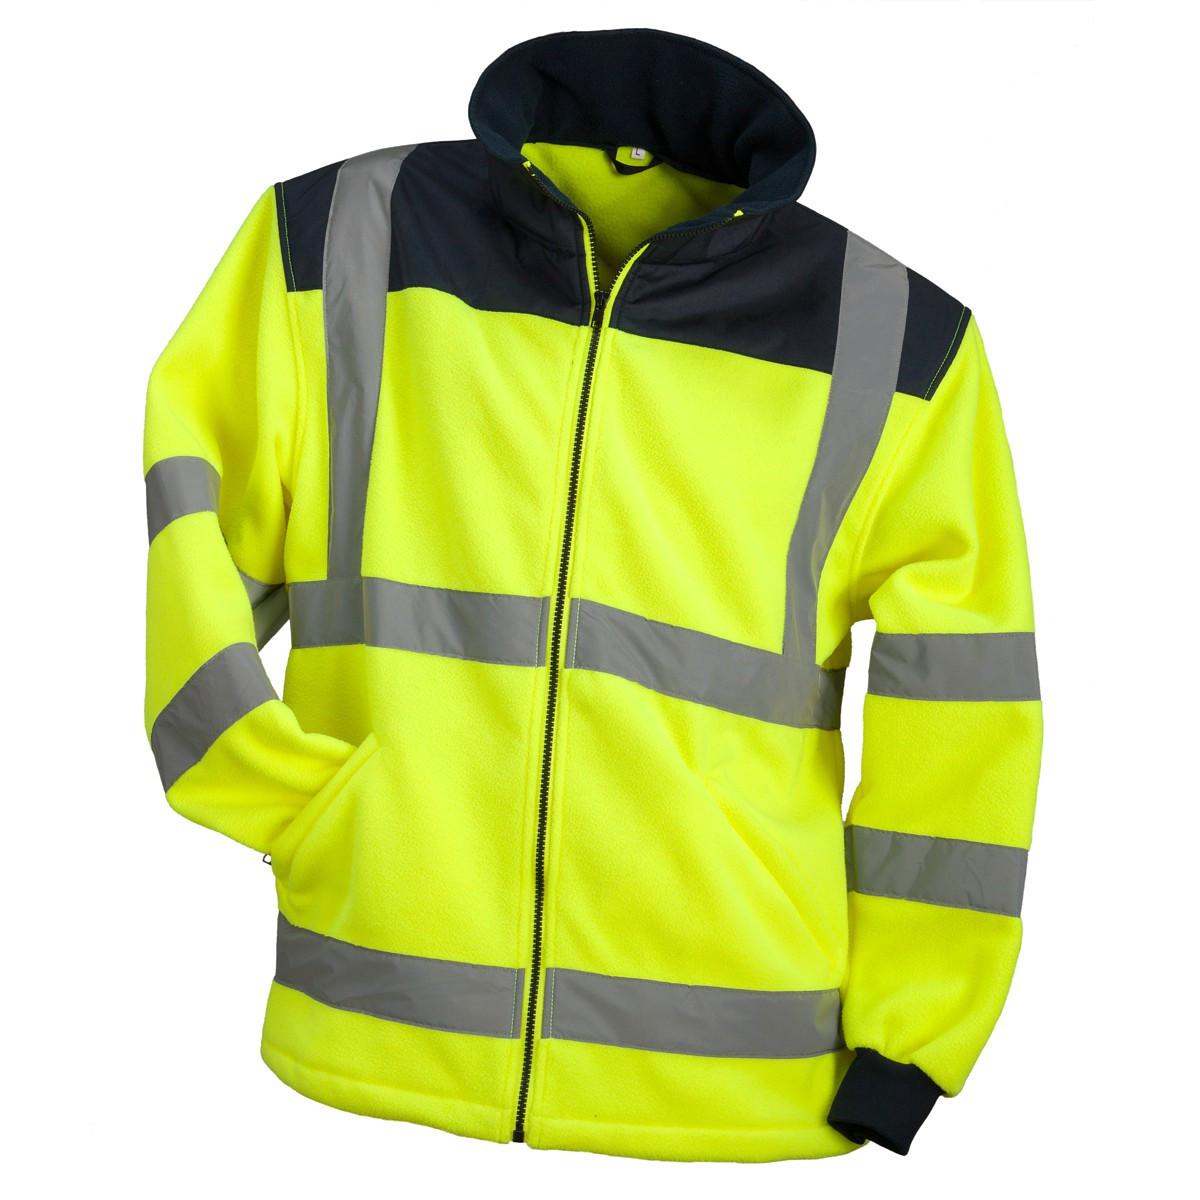 Куртка  HSV YELLOW со светотражающими полосами из флиса, черно-желтого цвета.  Urgent (POLAND)